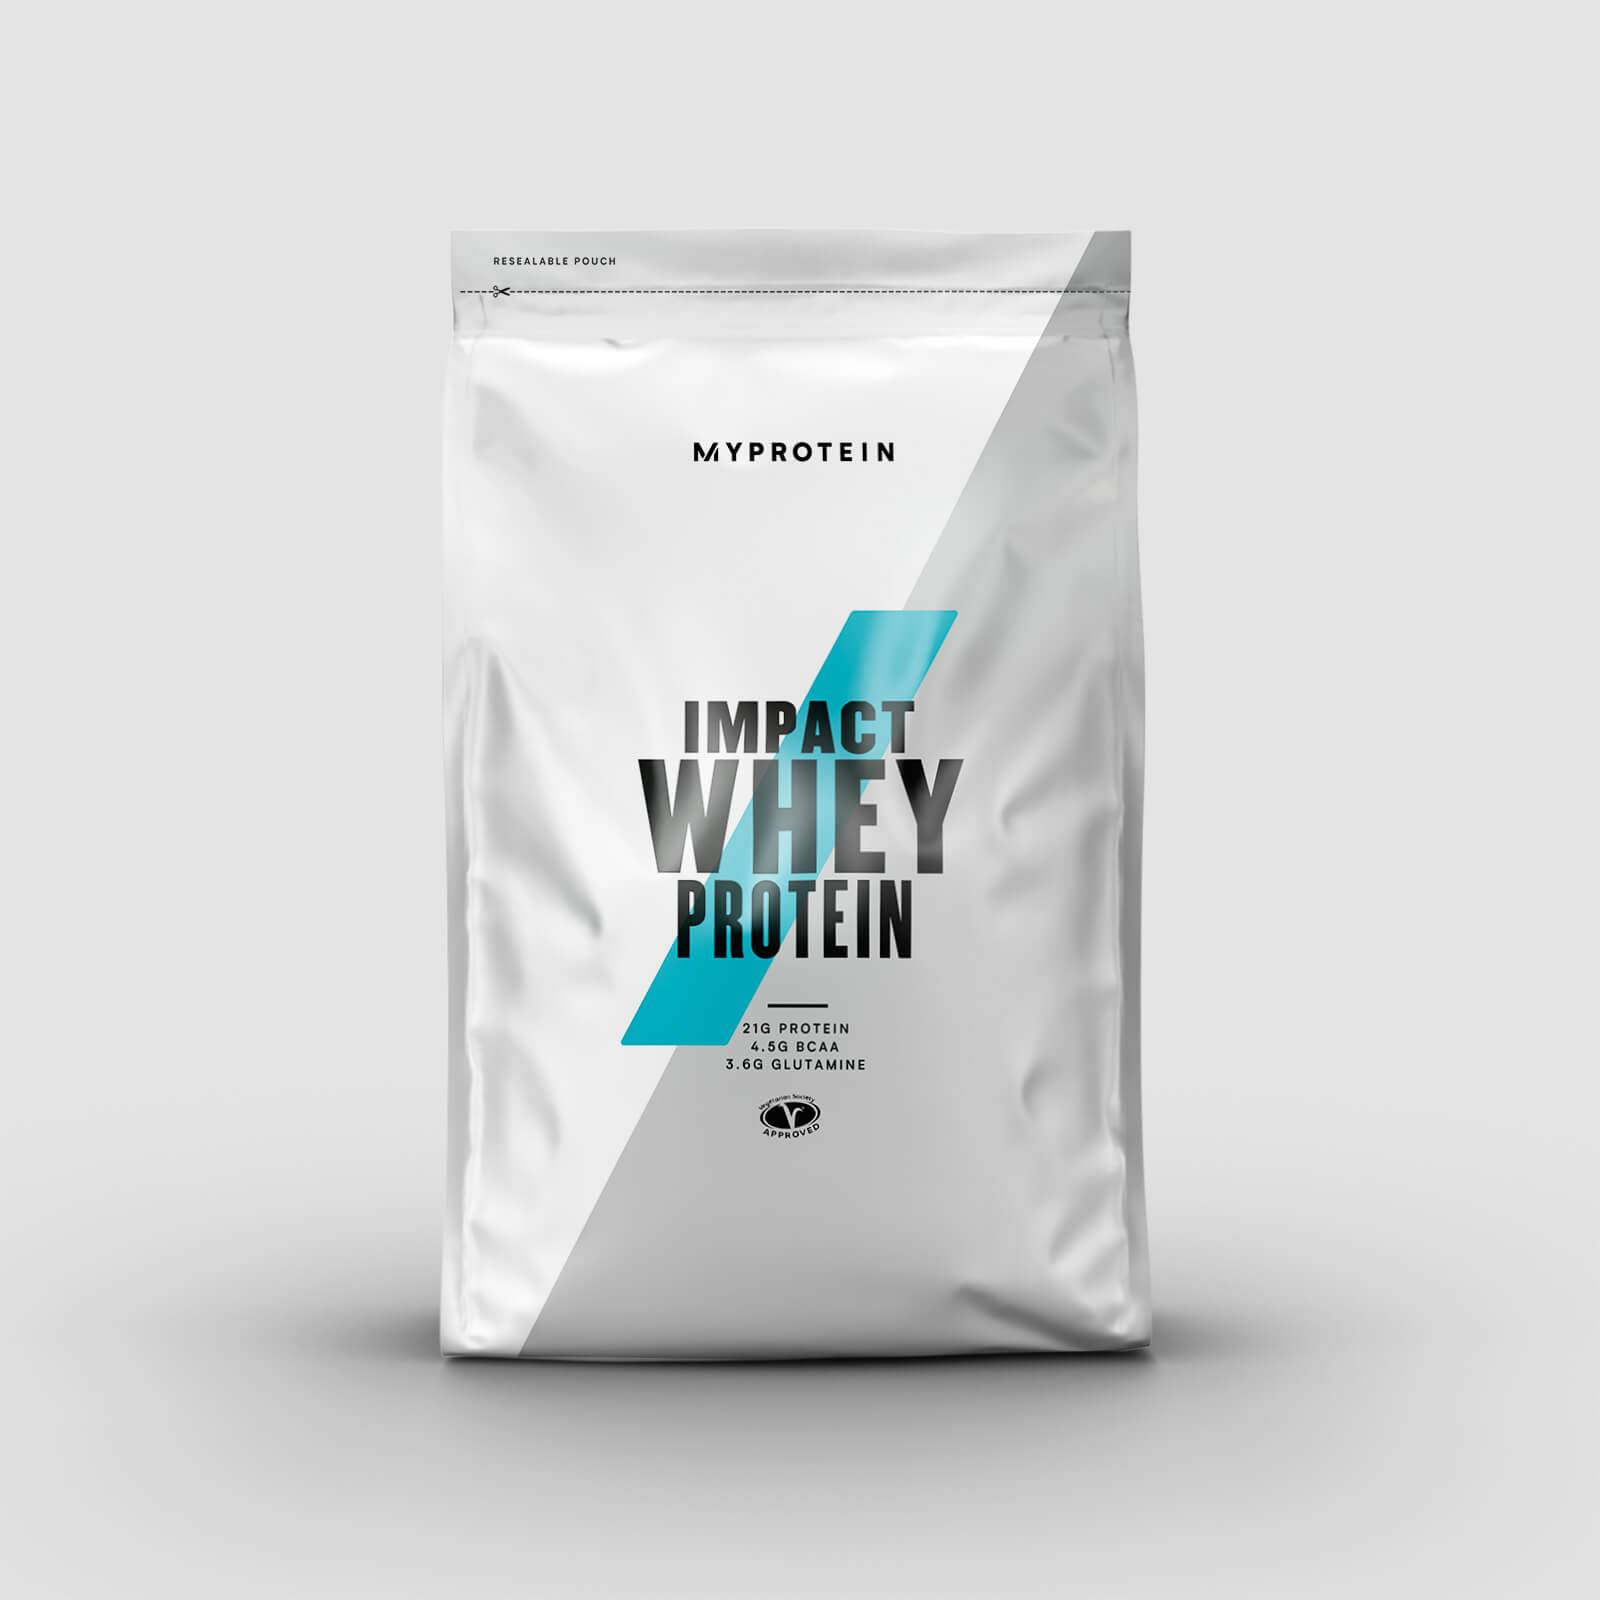 Myprotein Impact Whey Protein - 500g - Dark Chocolate & Salted Caramel